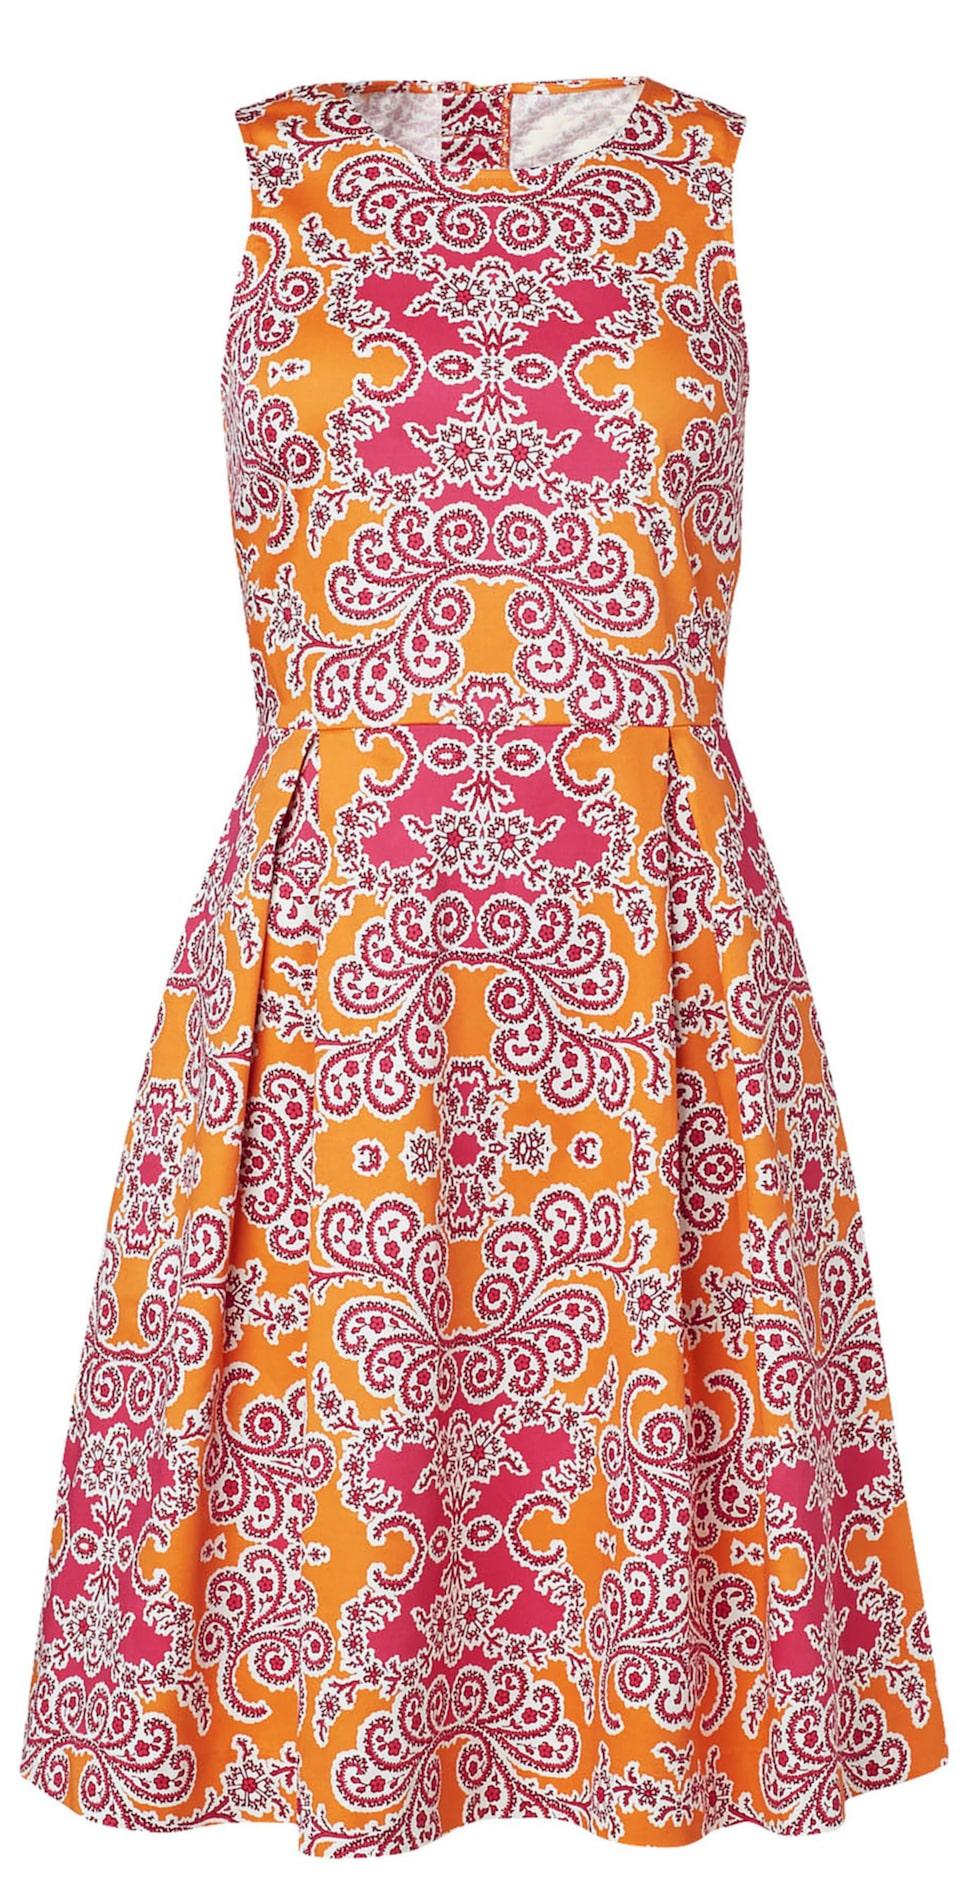 Tar fram formerna. Mönstrad klänning i orange och rosa. Med lite vidd i kjolen och en smickrande längd som passar dig med former. 399 kronor, Lindex.com.